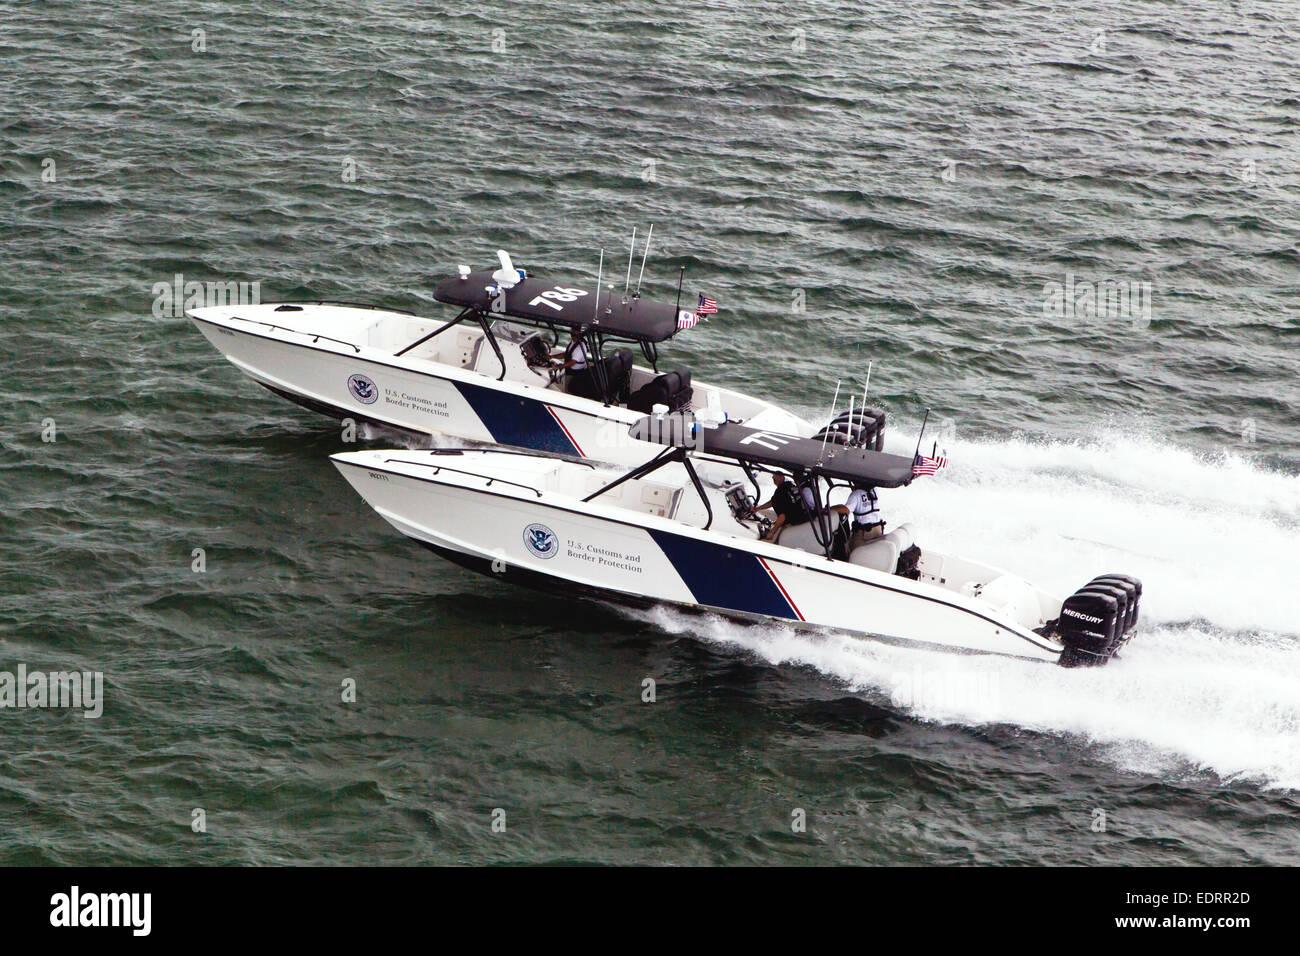 US Customs and Border Protection Marine unità operativa un 1200HP 39' Midnight Express barca, come del Immagini Stock